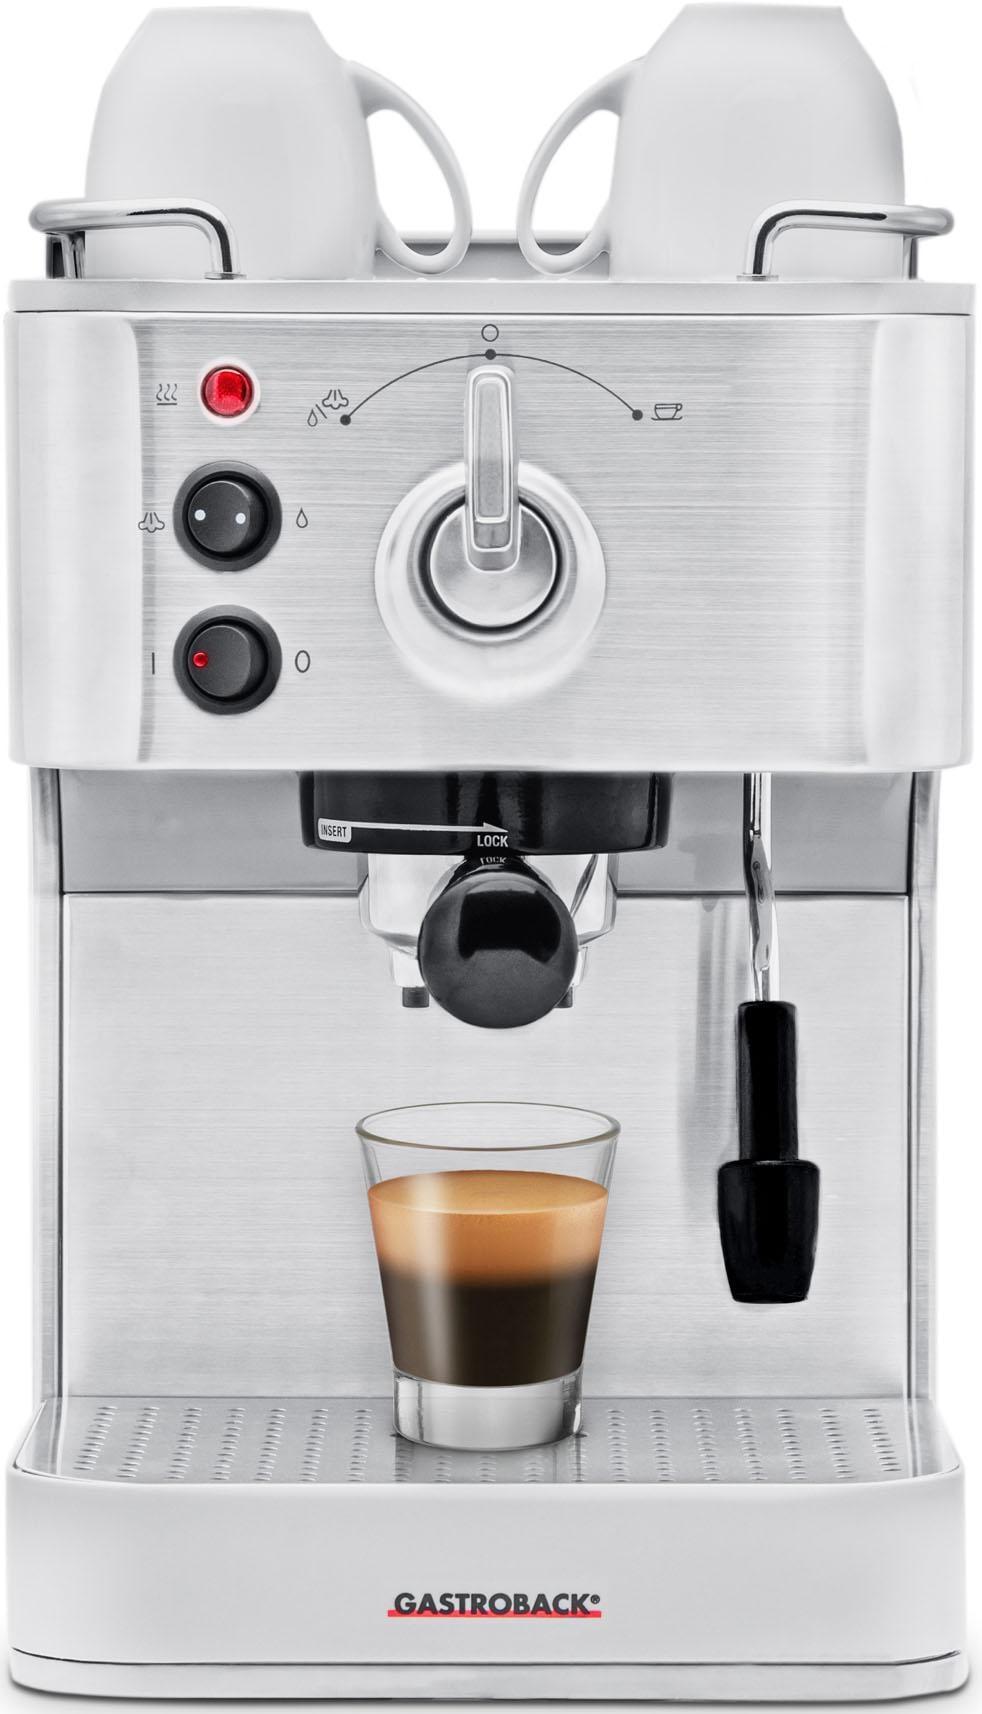 Gastroback Siebträgermaschine Design Espresso Plus 42606 silberfarben Kaffee SOFORT LIEFERBARE Haushaltsgeräte